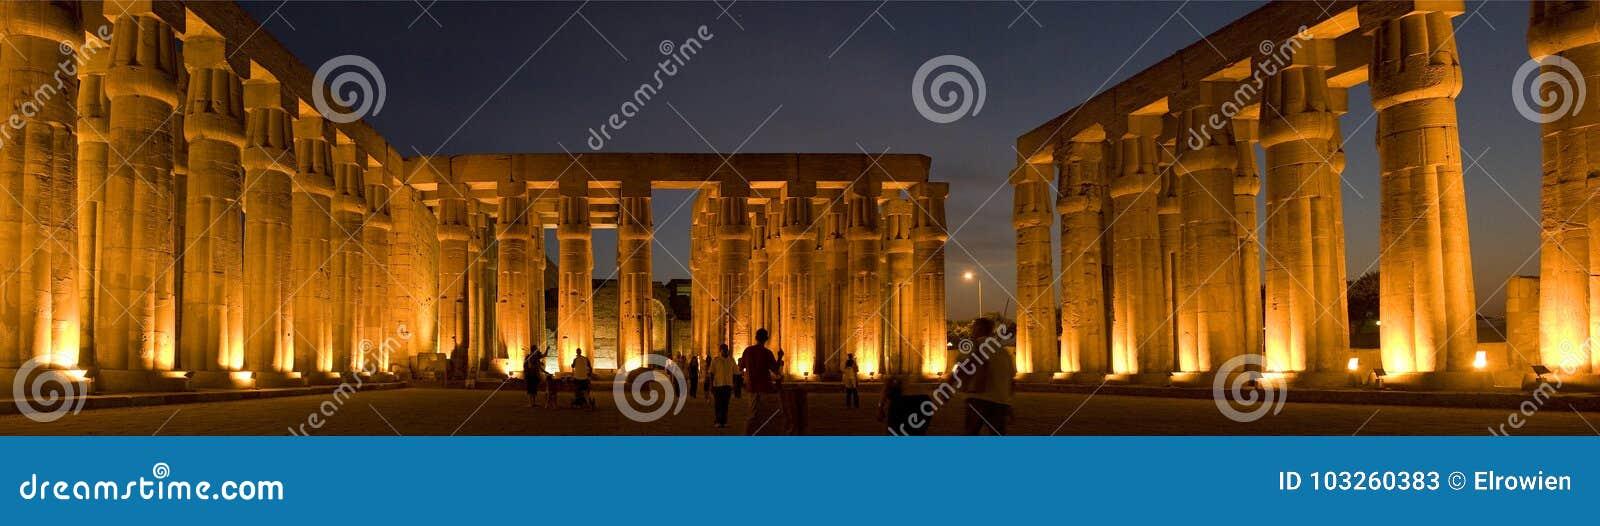 świątynia Luxor egiptu